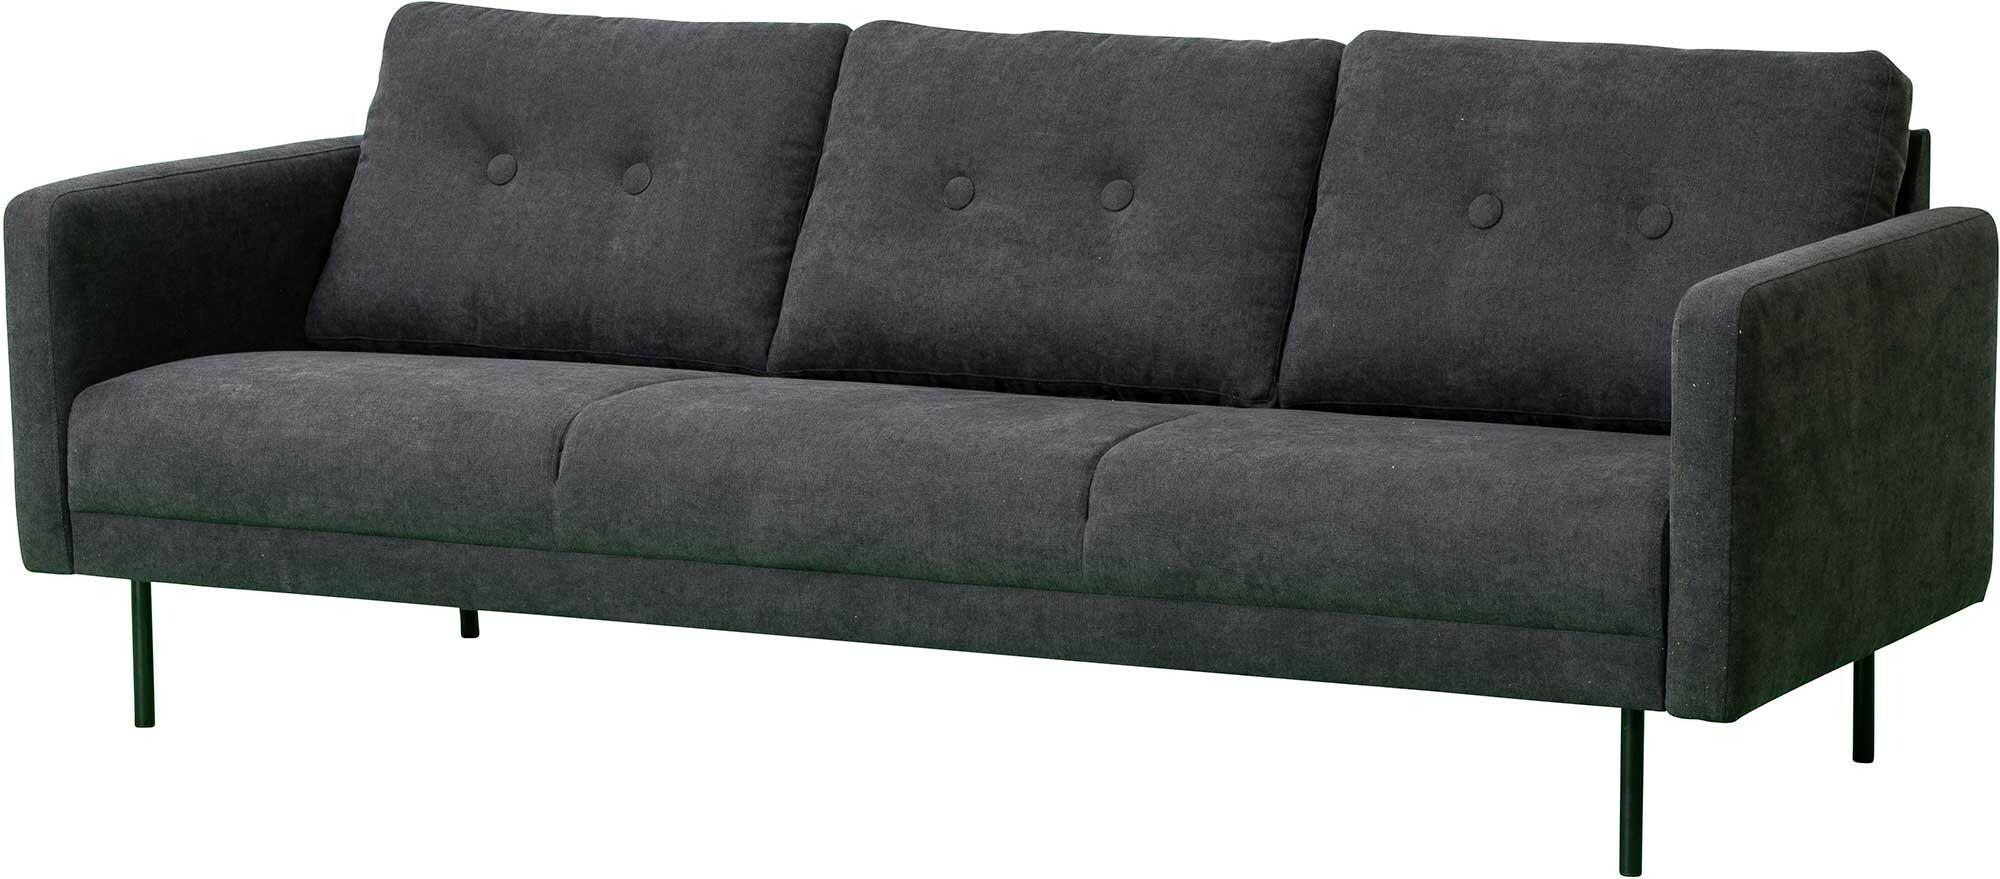 Chicago 3 istuttava sohva